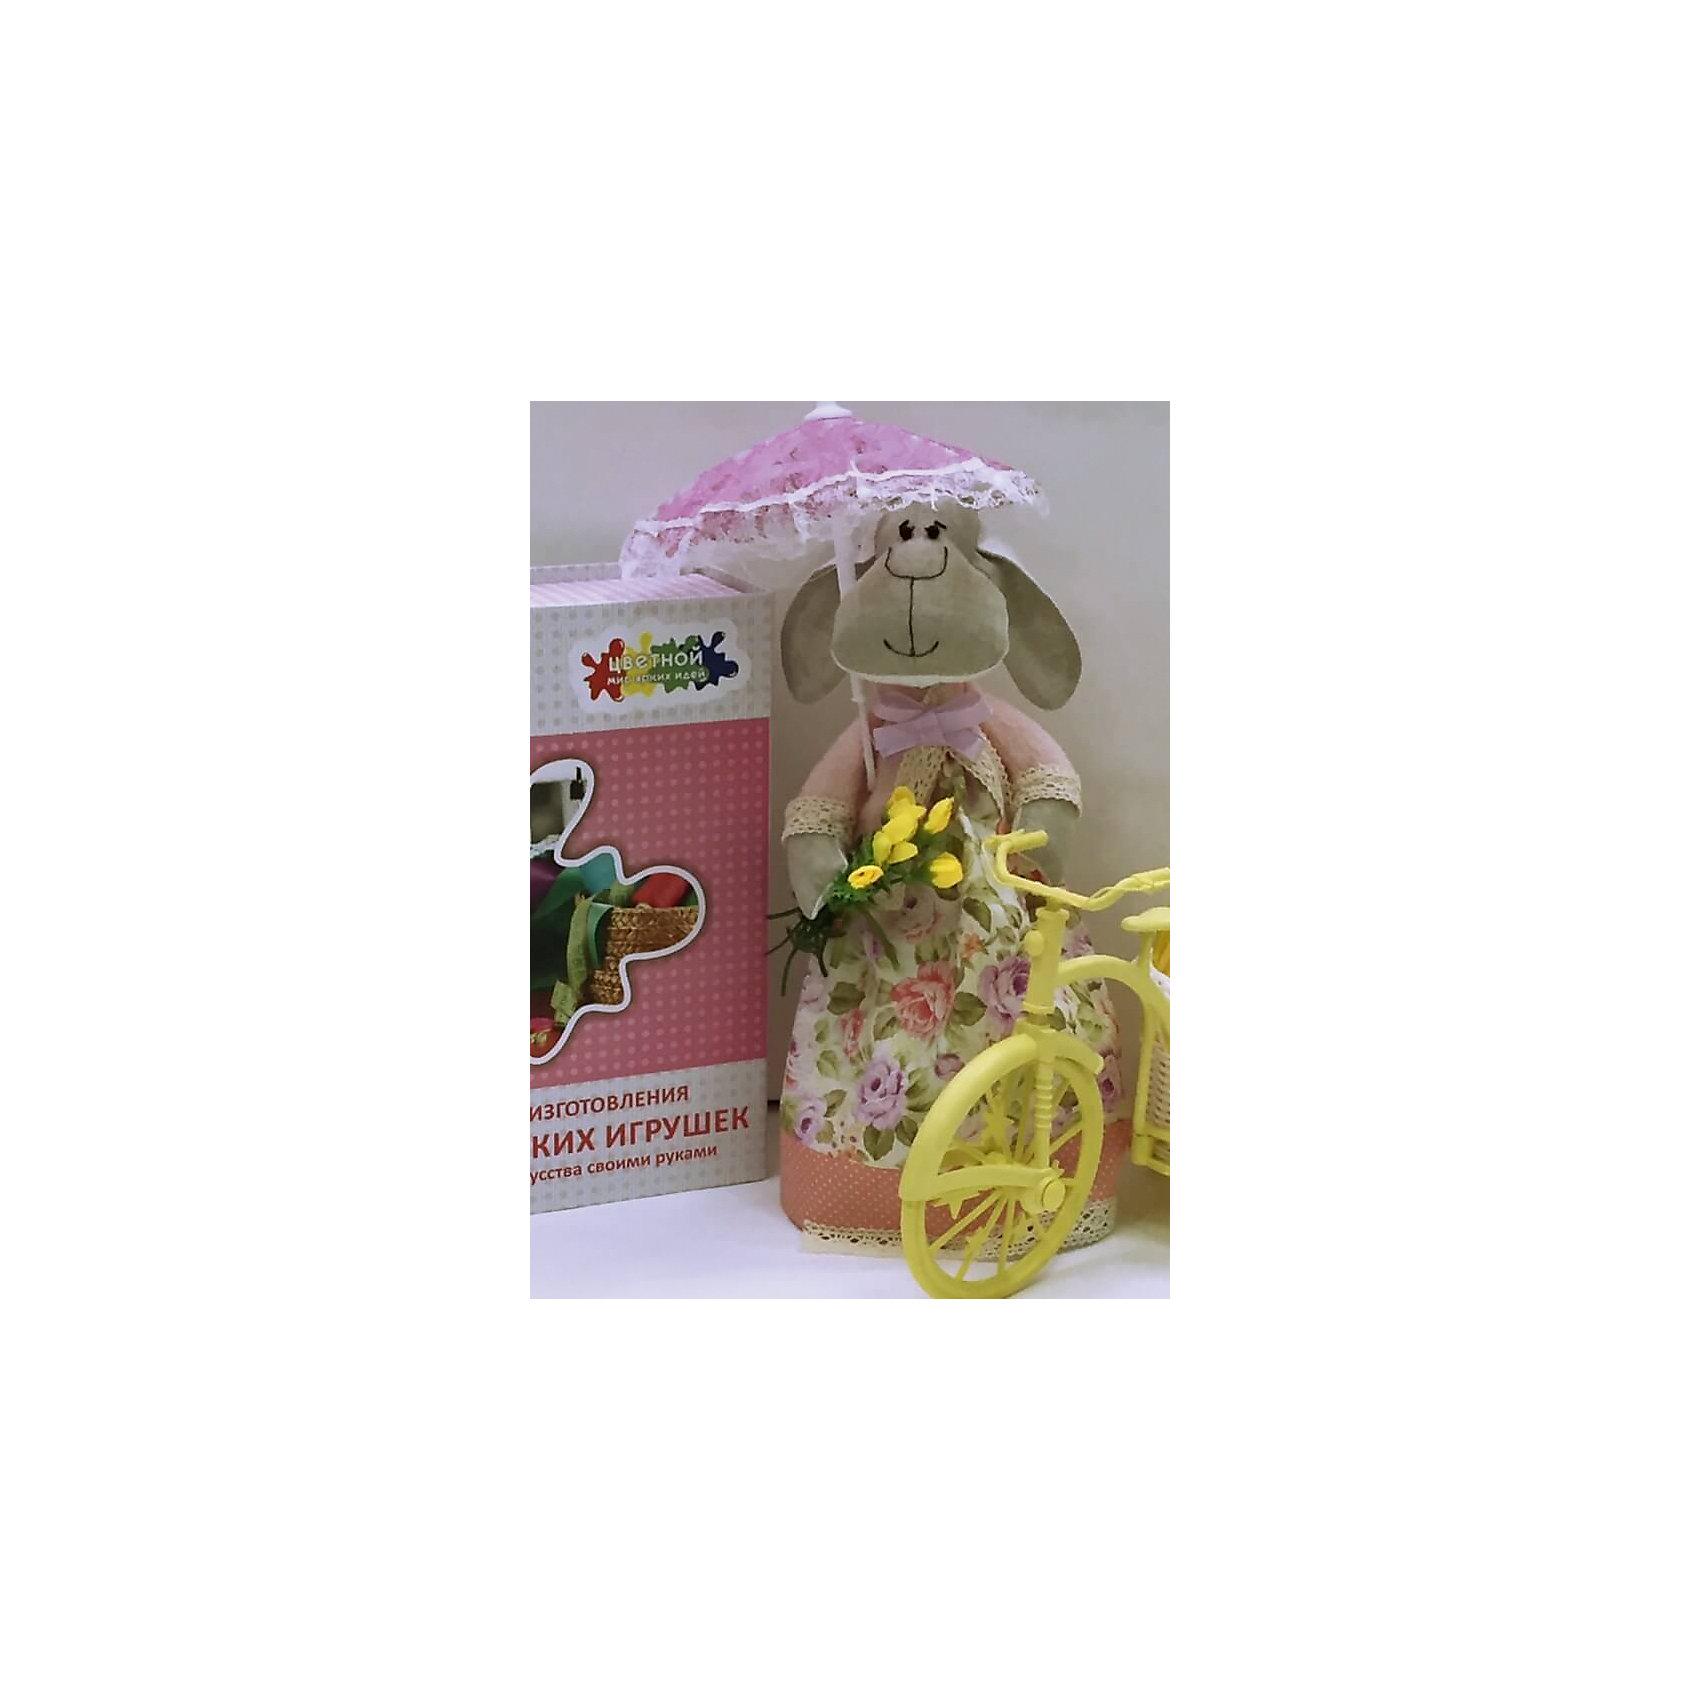 Набор для шитья Овечка неженкаРукоделие<br>В набор входит выкройка, подробная инструкция, лекало, мел, булавки, нитки, наполнитель-холлафайбер, ленты и аксессуары для украшения. Игрушка выполняется из специальной несыпучей ткани для печворка. Своими руками Вы создаете дизайнерскую игрушку<br><br>Ширина мм: 250<br>Глубина мм: 20<br>Высота мм: 350<br>Вес г: 500<br>Возраст от месяцев: 120<br>Возраст до месяцев: 180<br>Пол: Унисекс<br>Возраст: Детский<br>SKU: 5350872